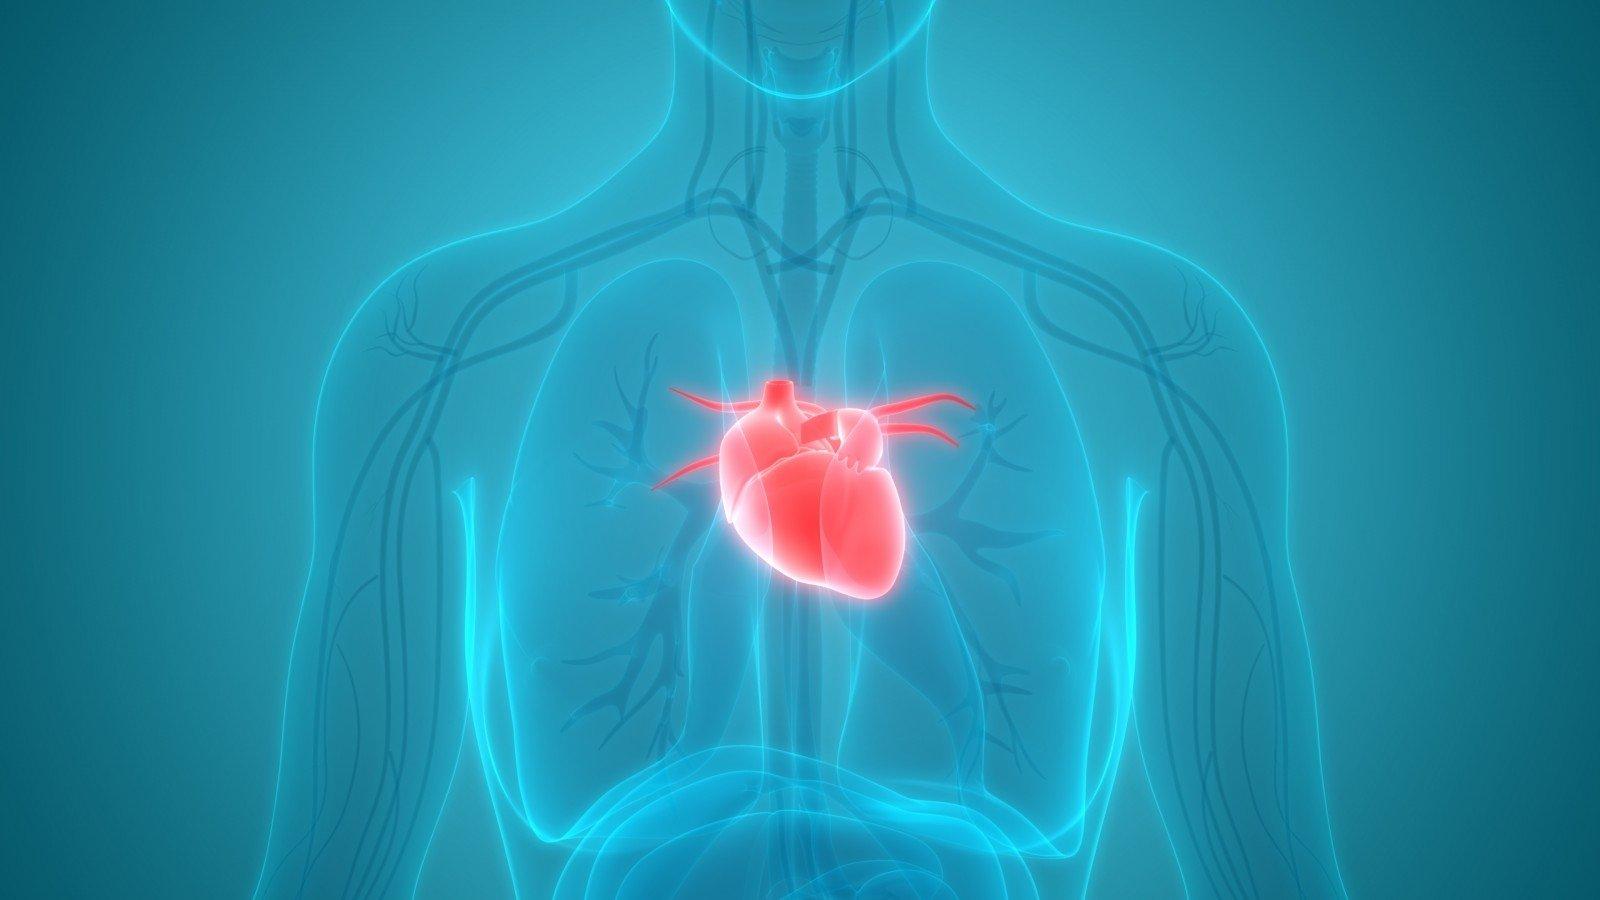 kokius vaistus nuo hipertenzijos geriau vartoti kokį fizinį aktyvumą suteikia hipertenzija